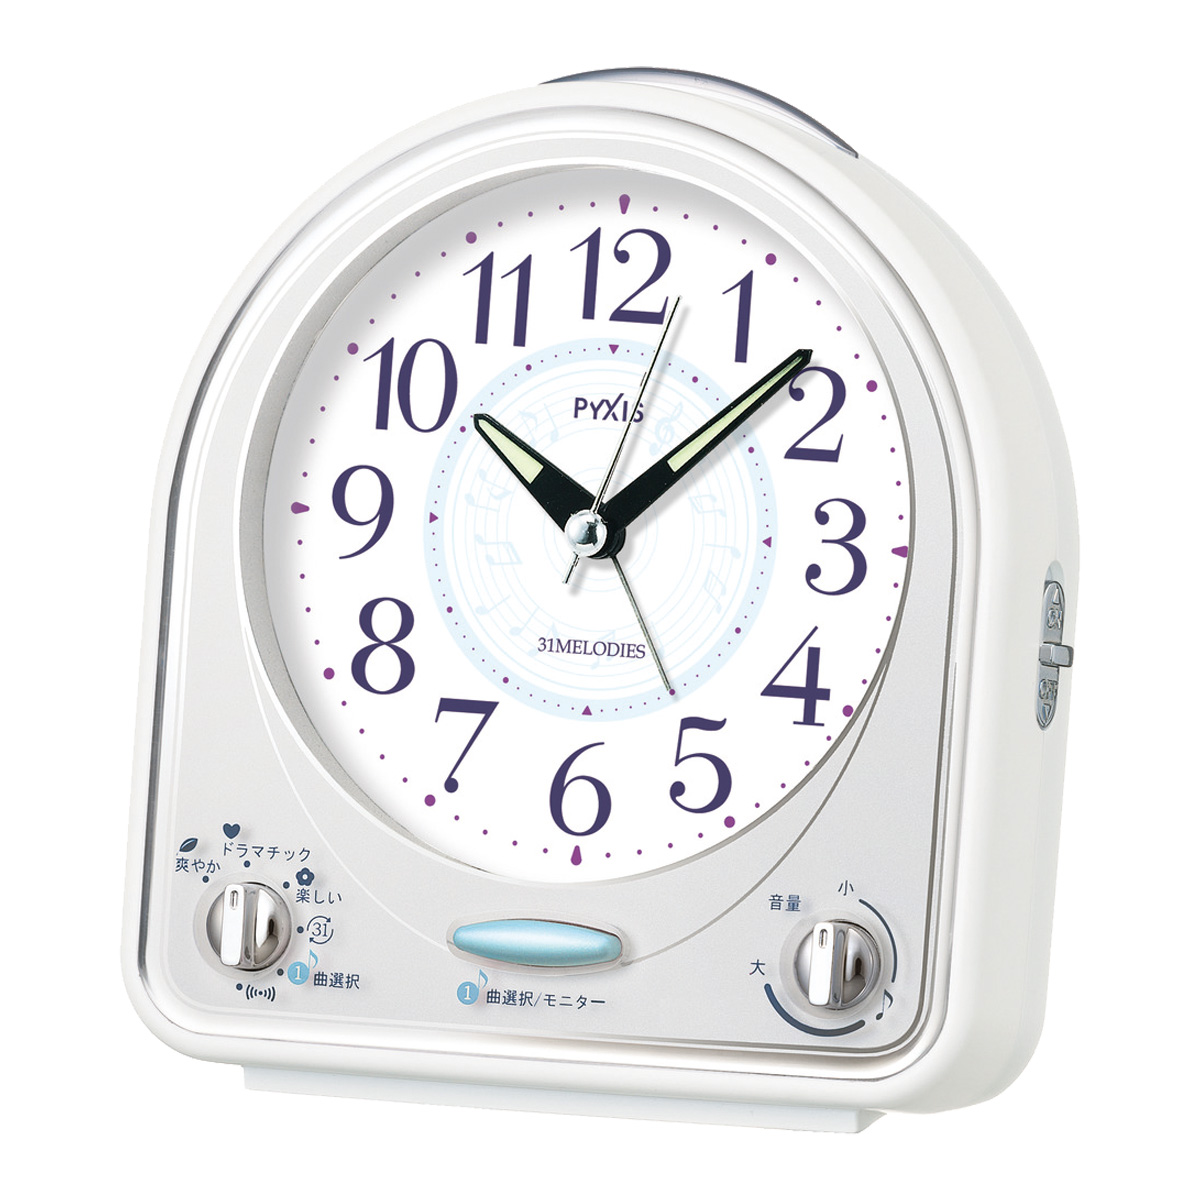 セイコークロック社製 PYXIS(ピクシス) メロディ31曲 目覚まし時計 NR435